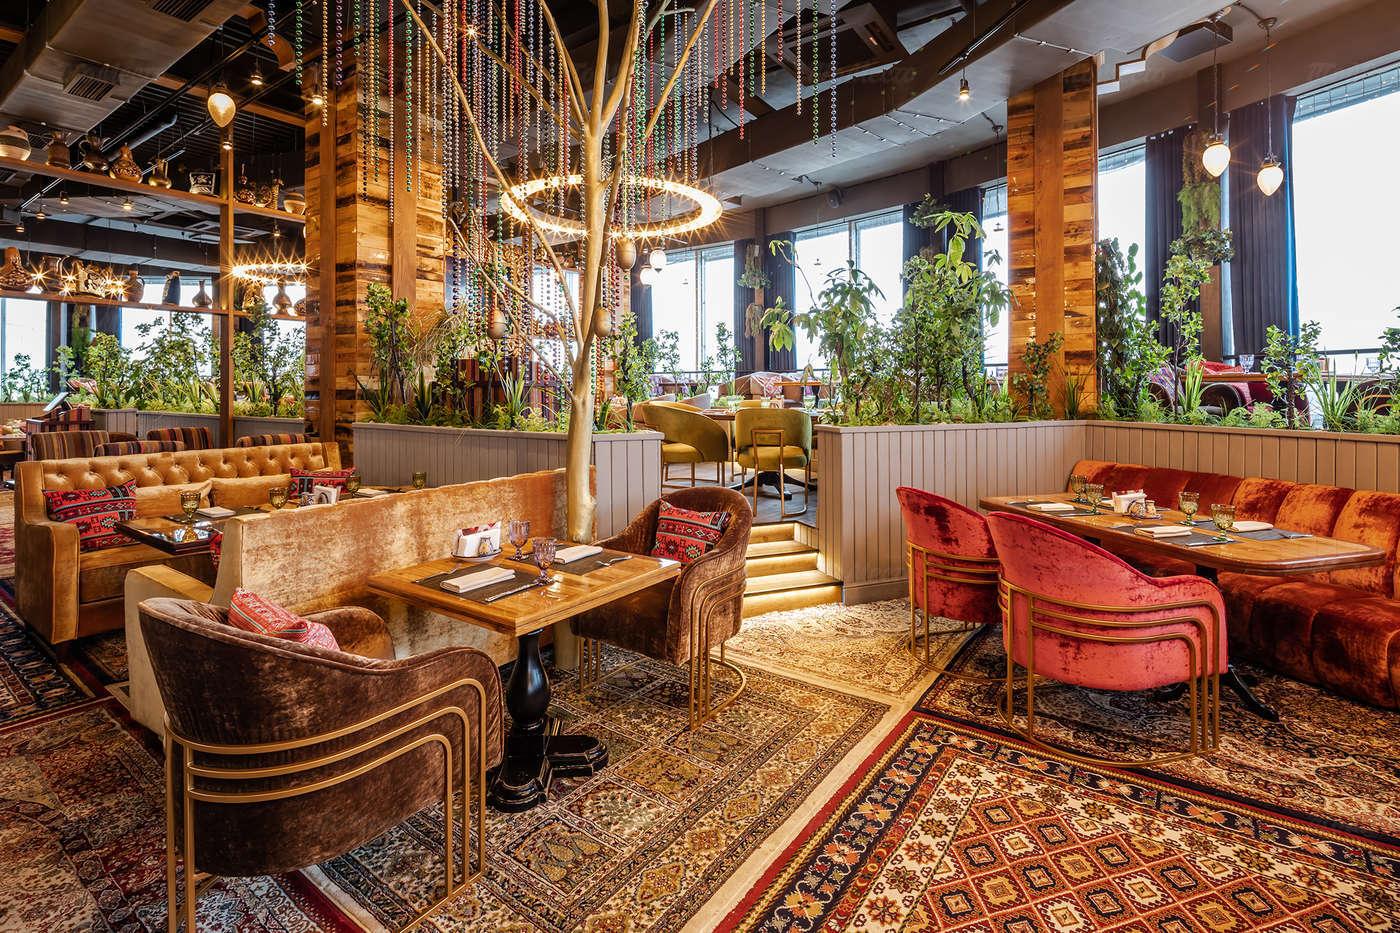 Ресторан Ишак (Eshak) на Рублёвском шоссе